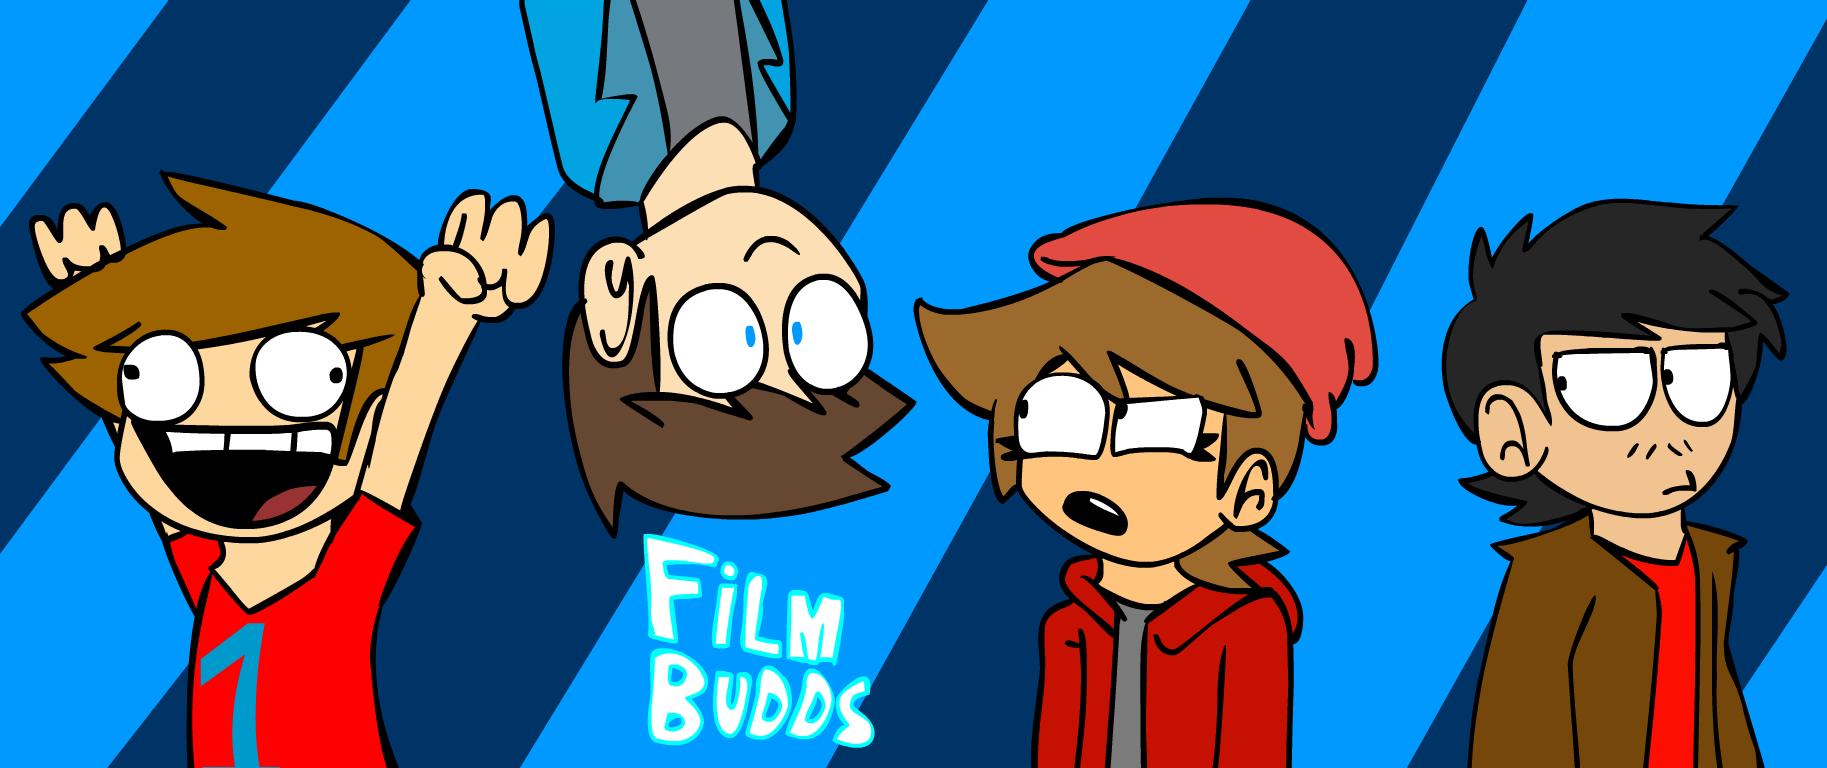 Film budds